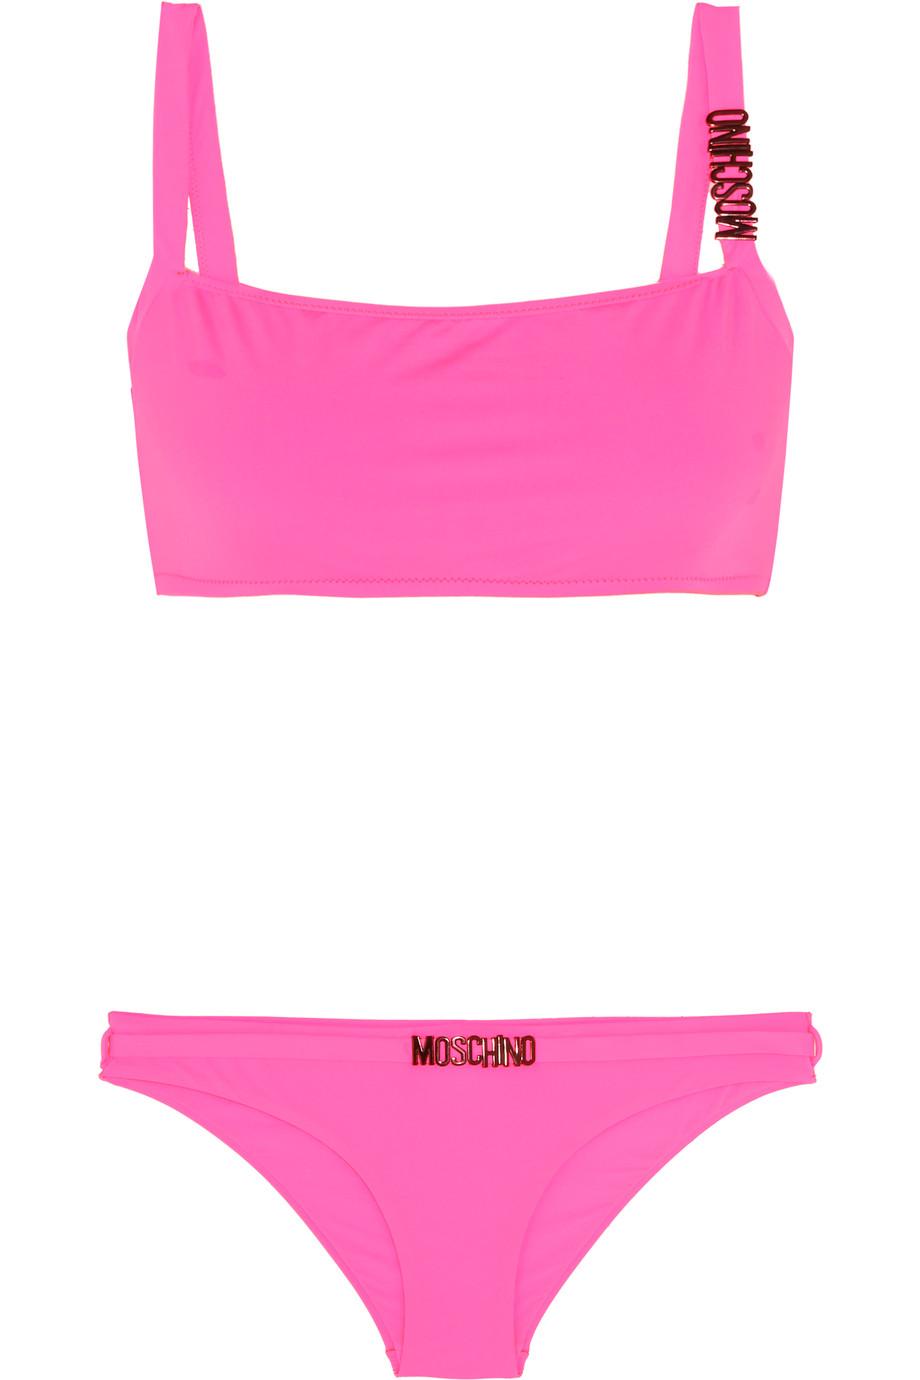 Moschino Embellished Bikini, Bright Pink, Women's, Size: 5